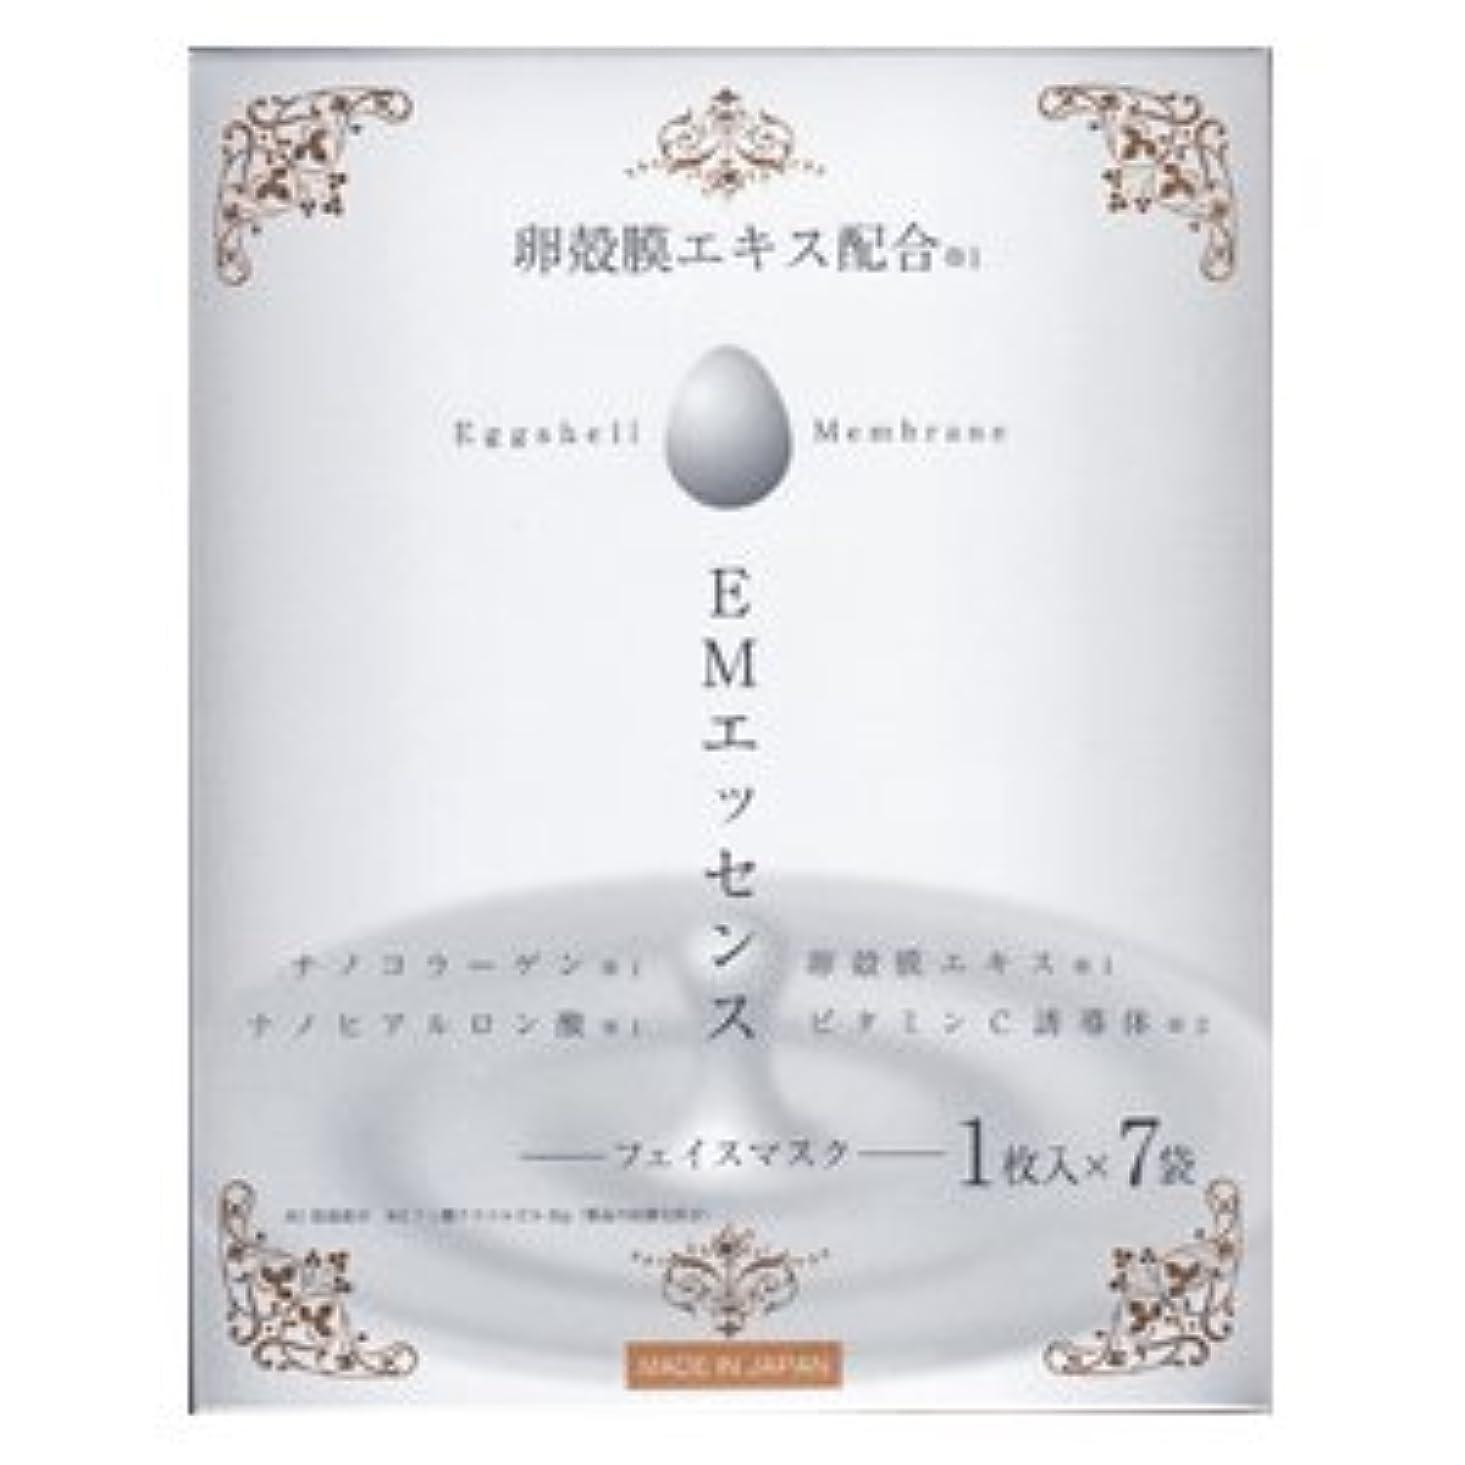 ガスシリンダー挨拶卵殻膜エキス配合 EMエッセンス フェイスマスク 1枚入×7袋